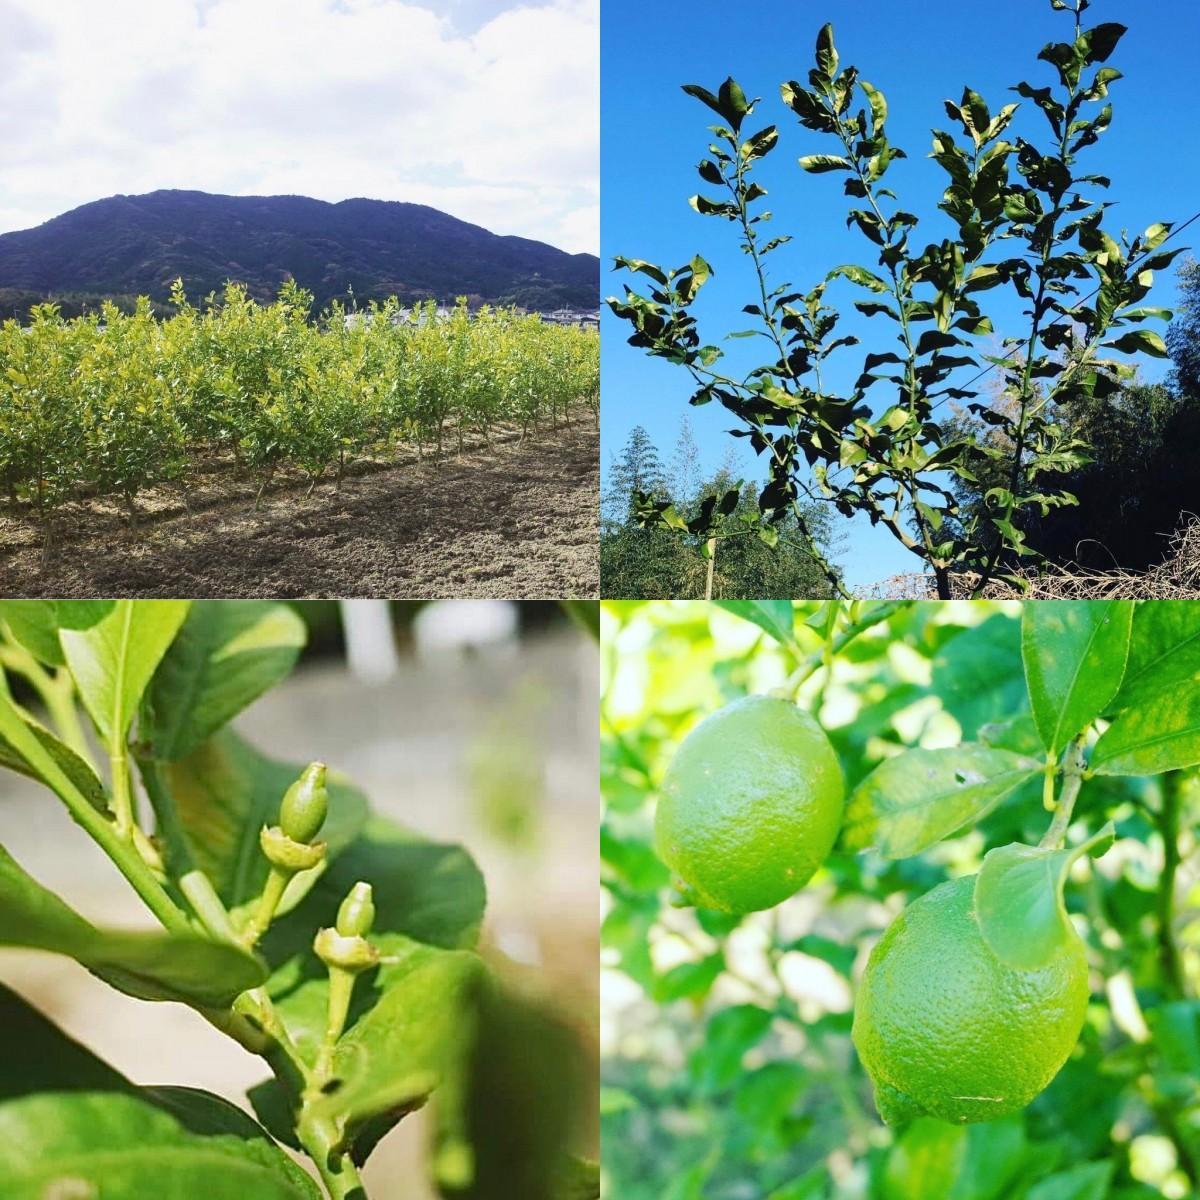 「有機レモン農園 糸島れもん」とグリーンレモン